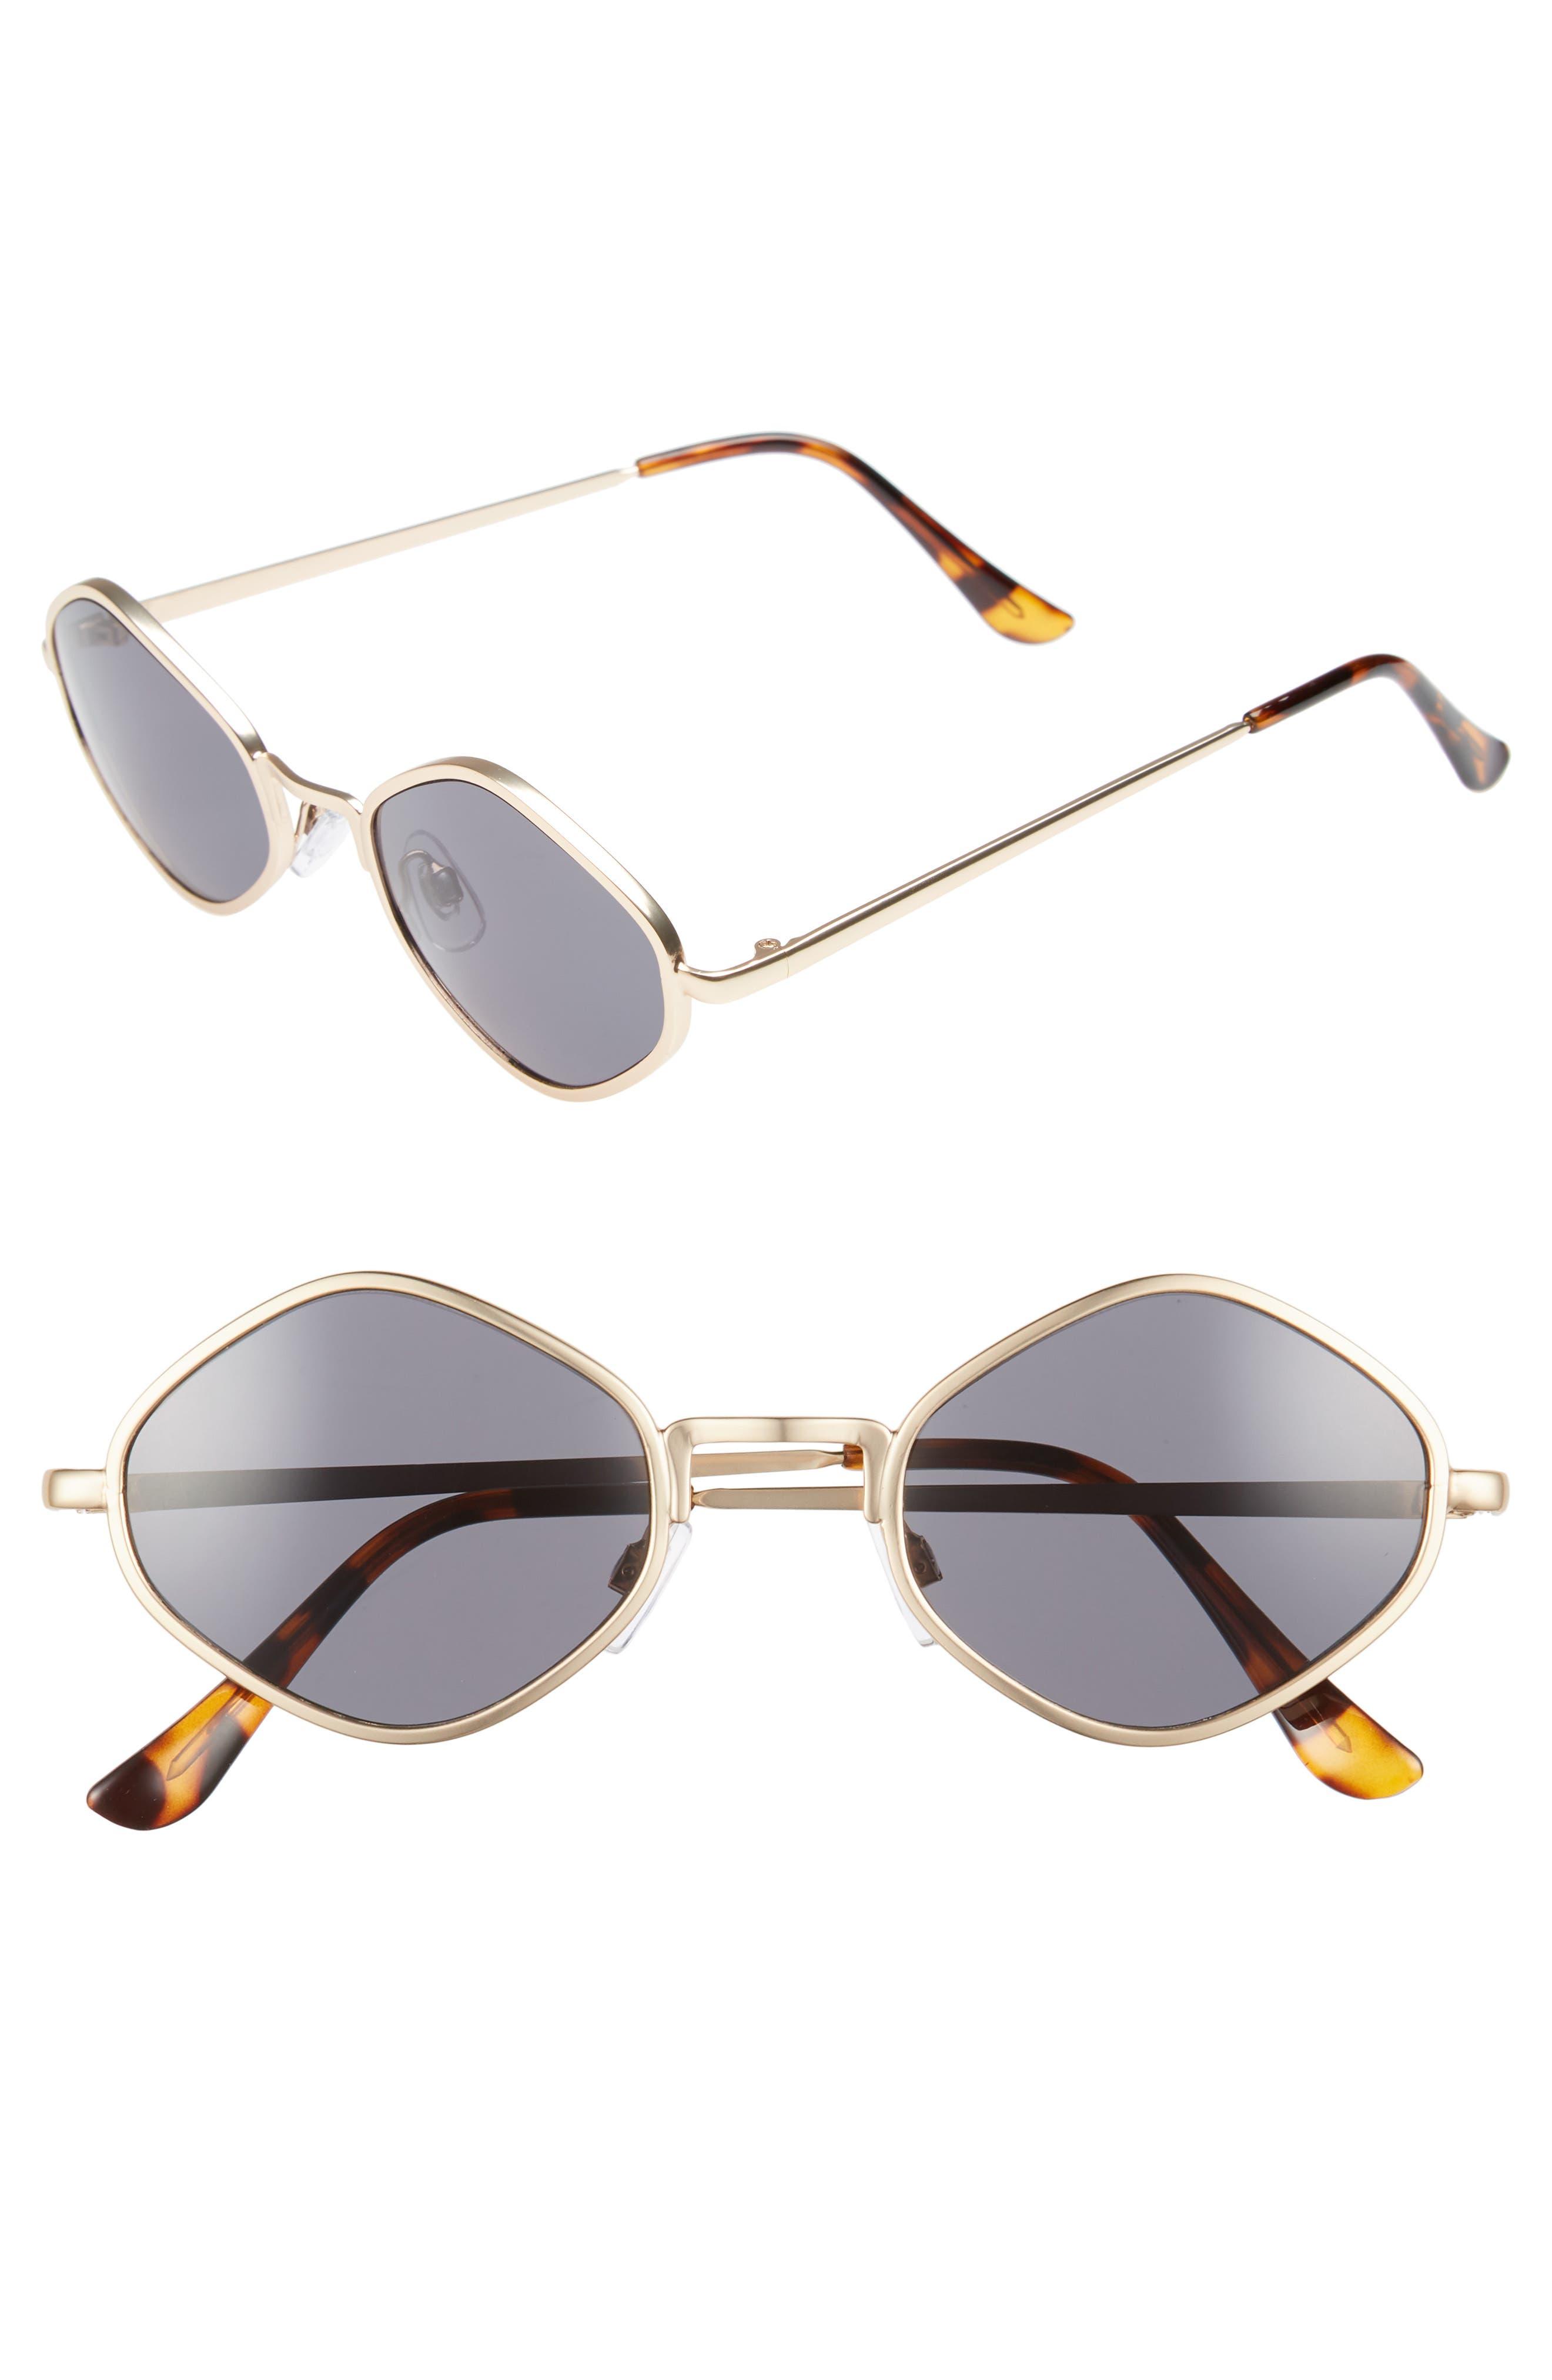 Geo Metal Sunglasses,                             Main thumbnail 1, color,                             Gold/ Tort